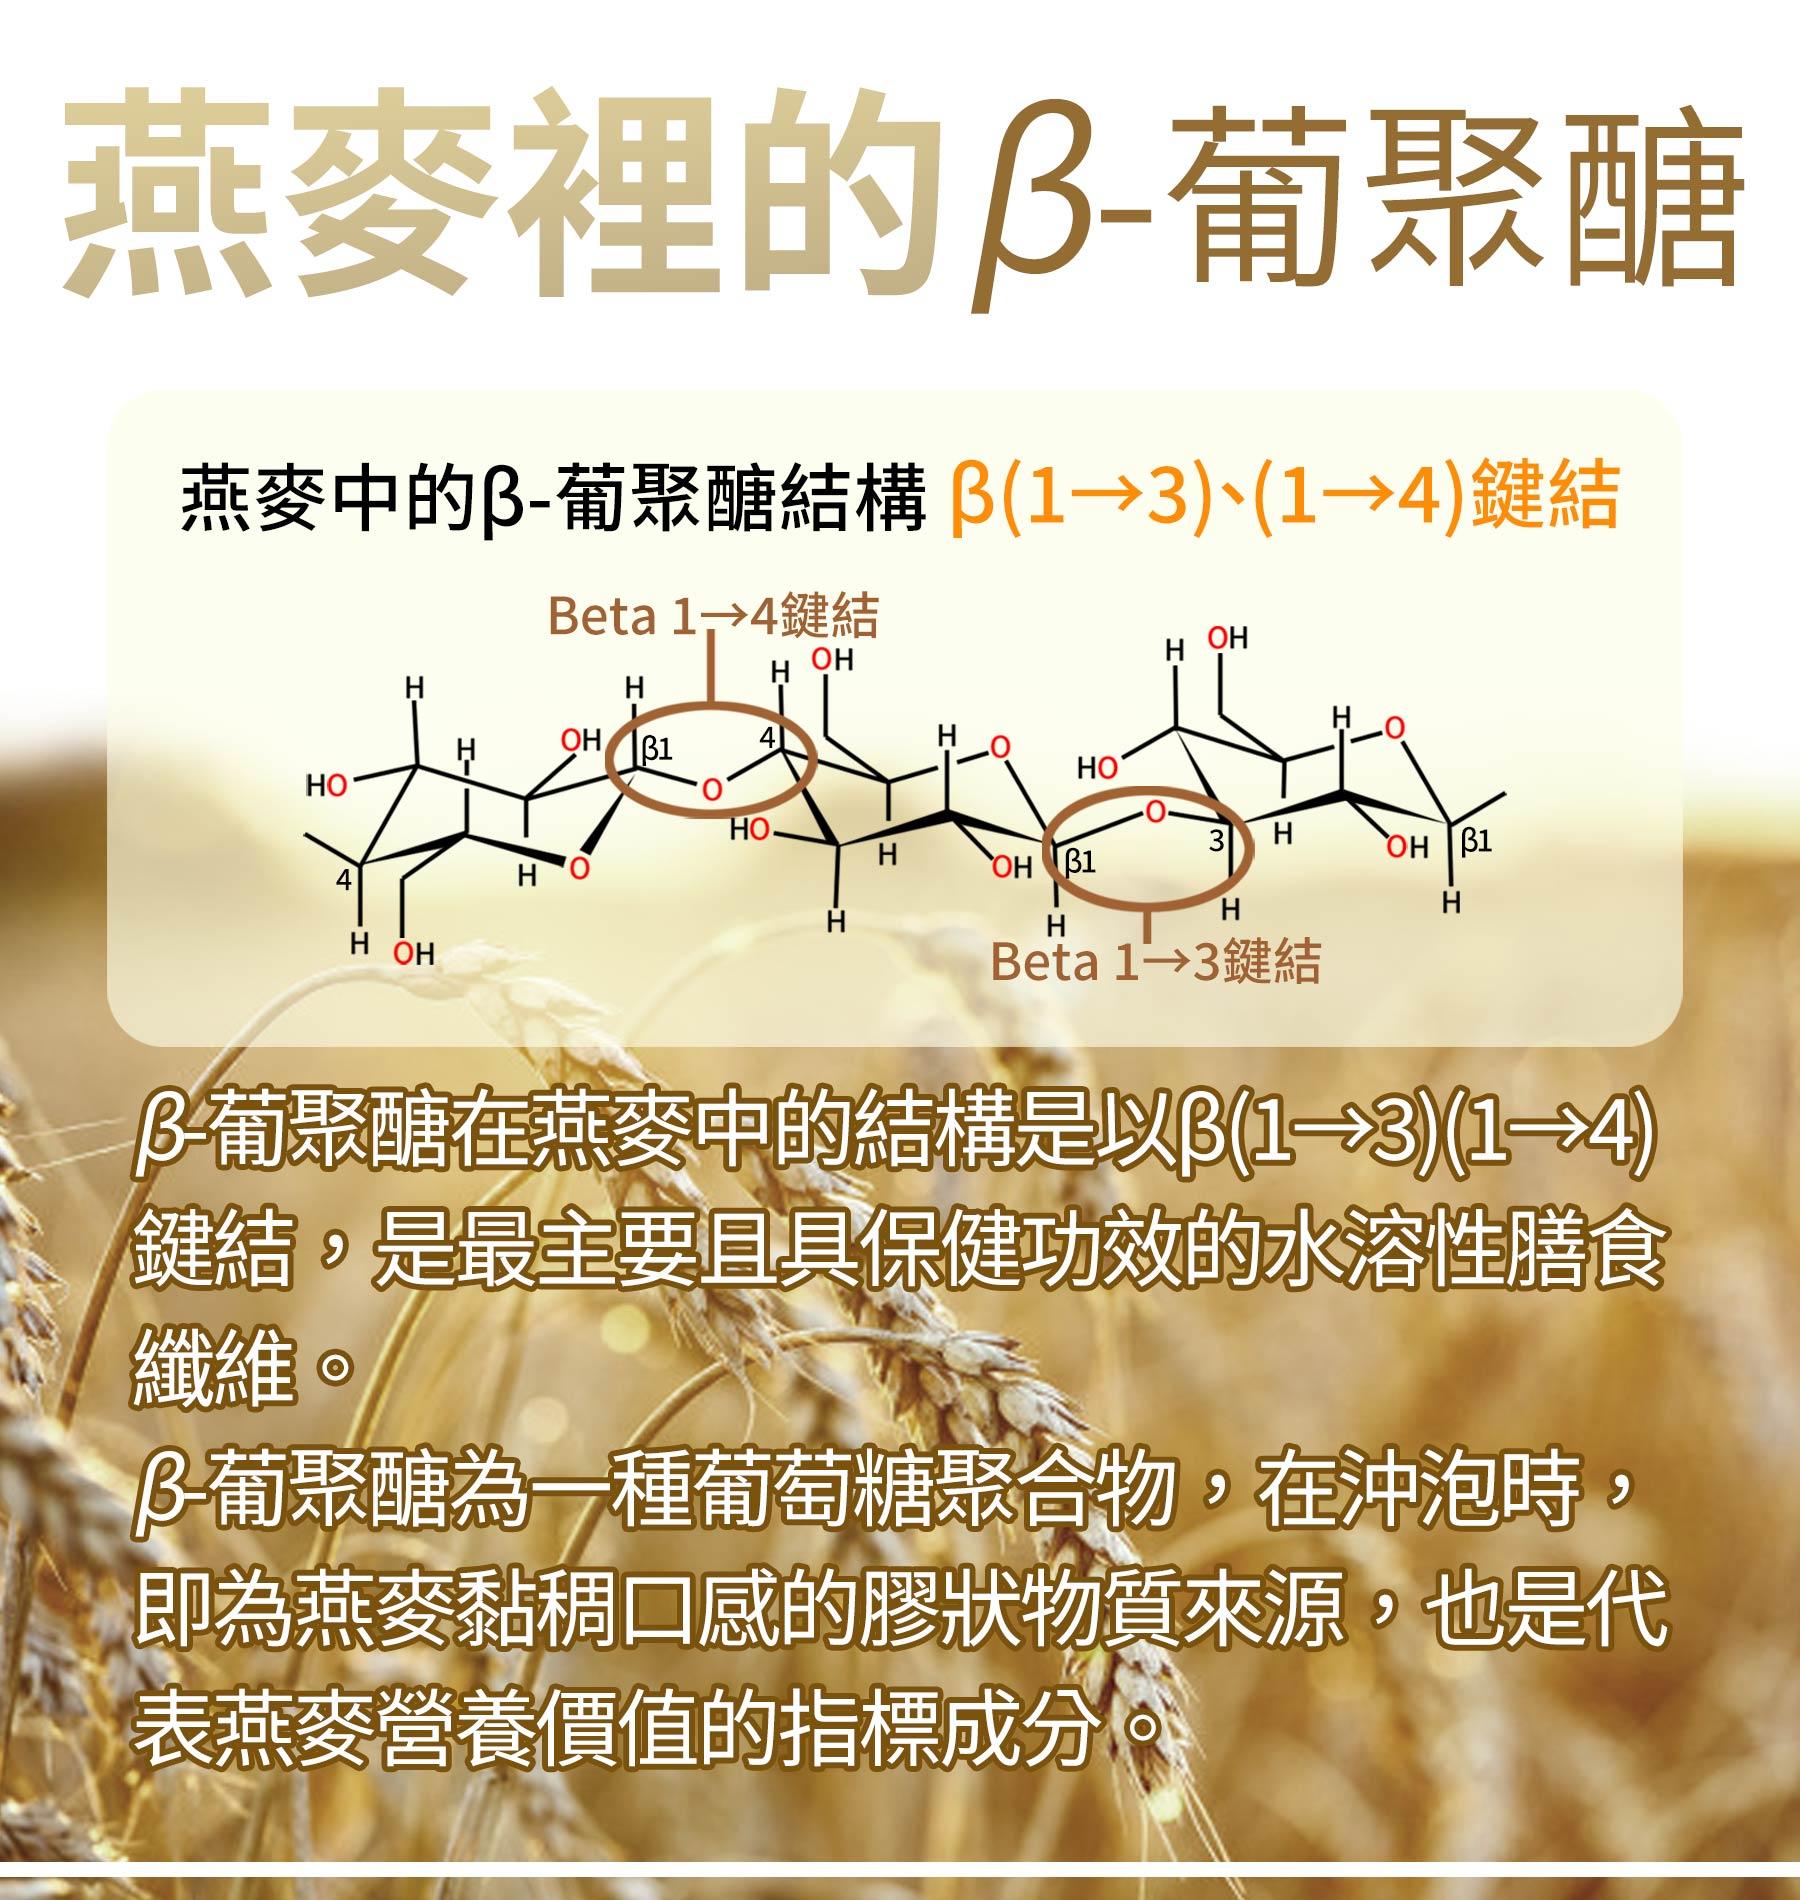 燕麥中含有的beta-葡聚醣